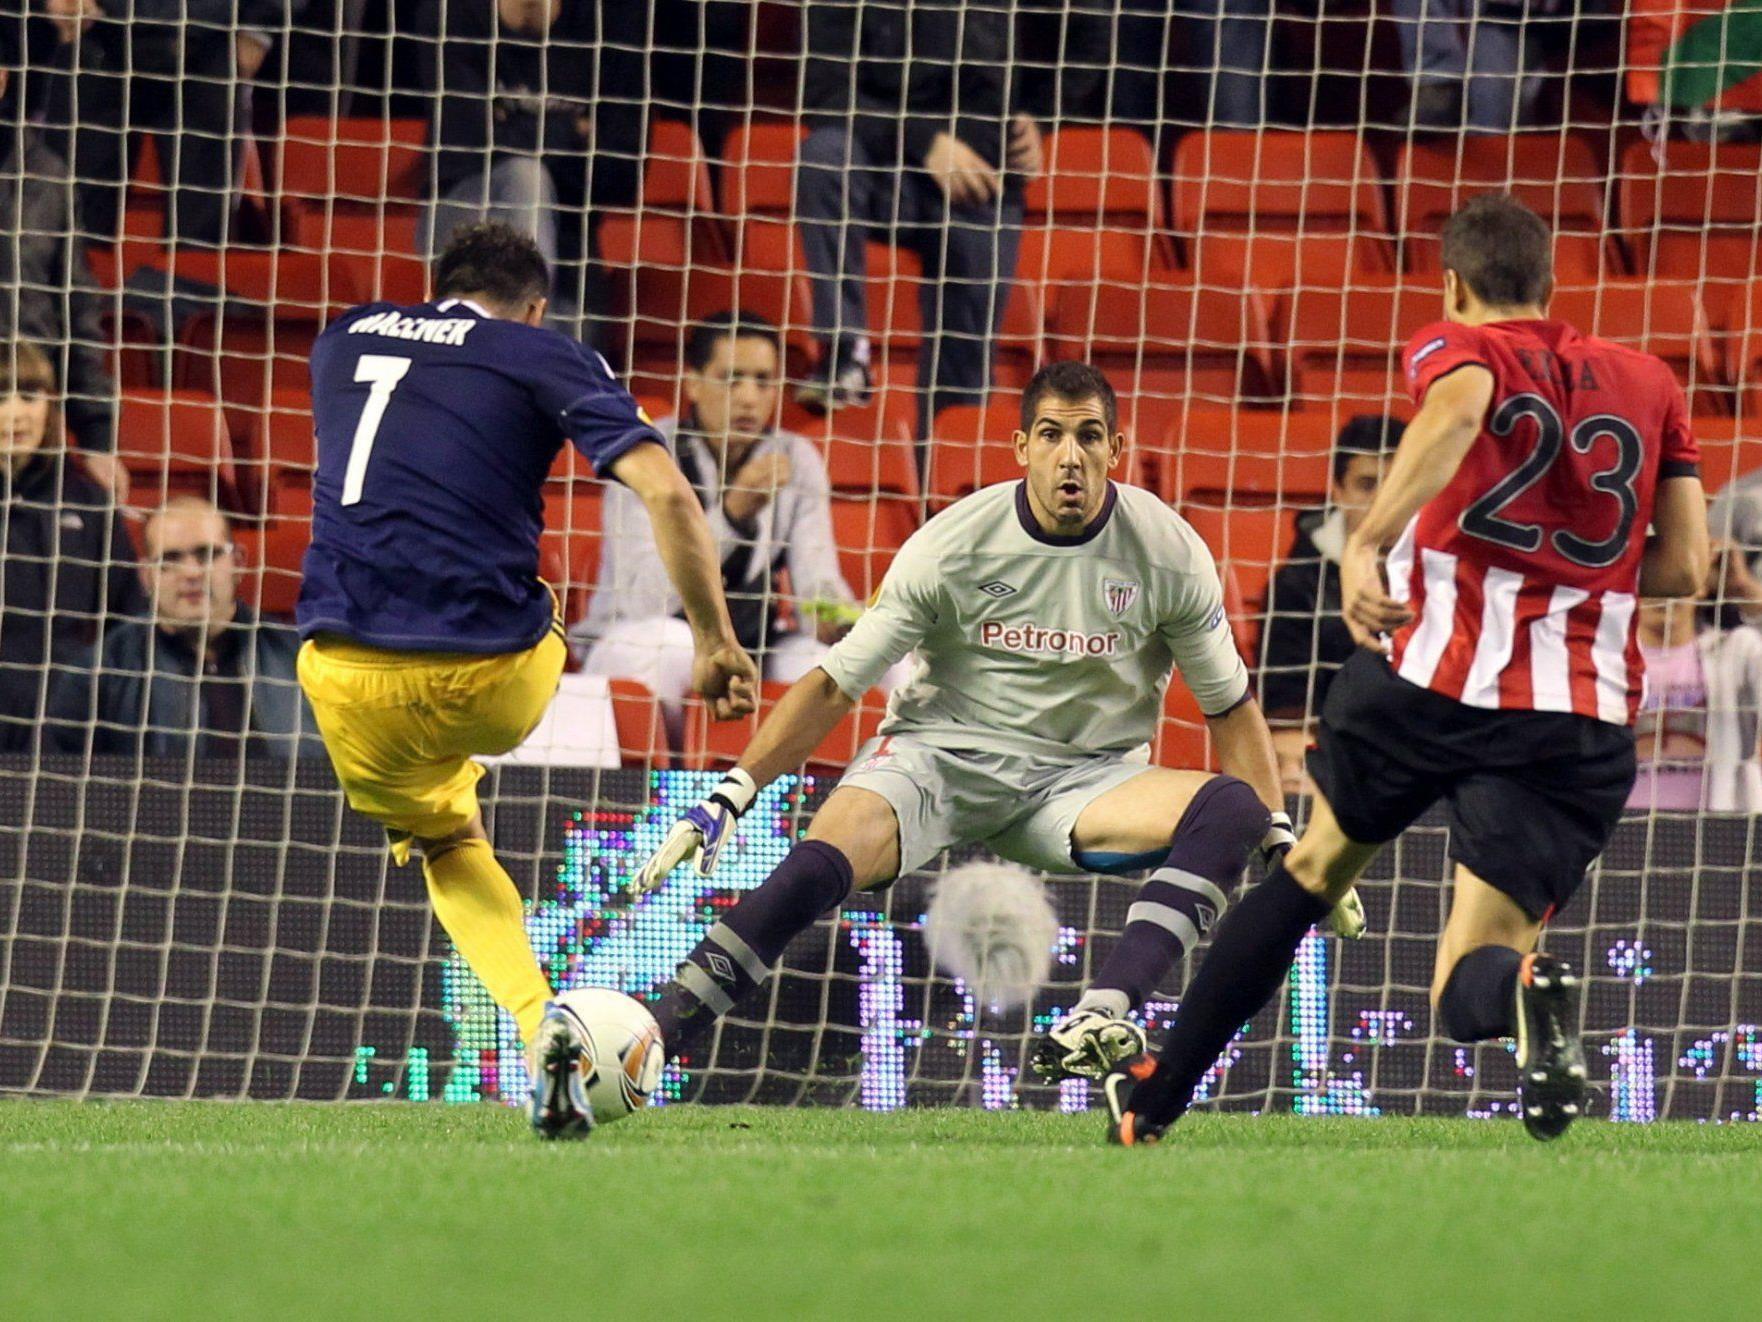 Ein Elfmeter brachten Salzburg um EL-Sieg - 2:2 in Bilbao. Im Bild: Roman Wallner beim 0:1 für die Bullen.